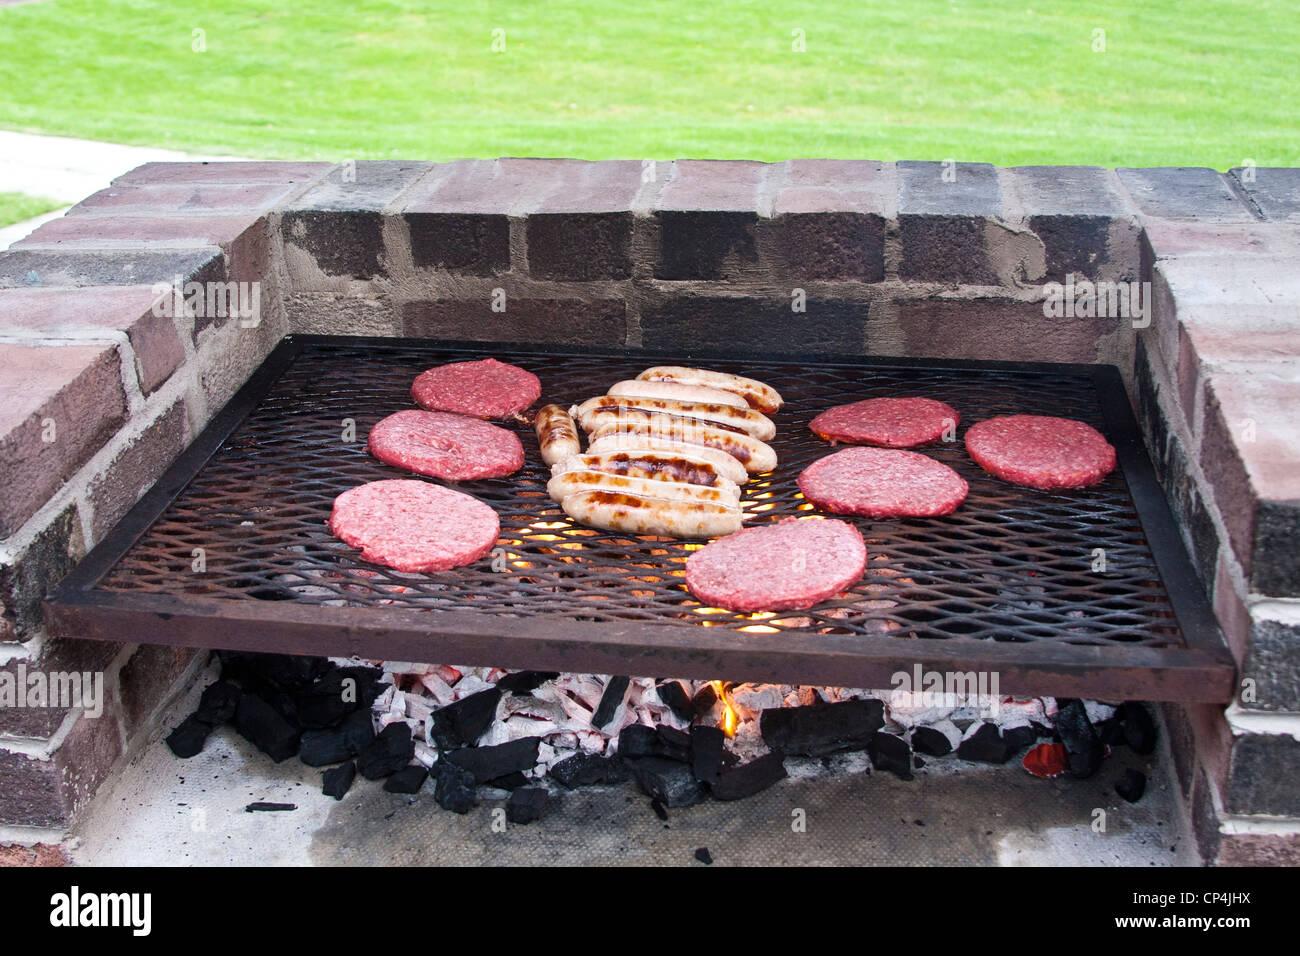 Beautiful Burger Und Würstchen Kochen Auf Einen Backstein Grill Stockbild